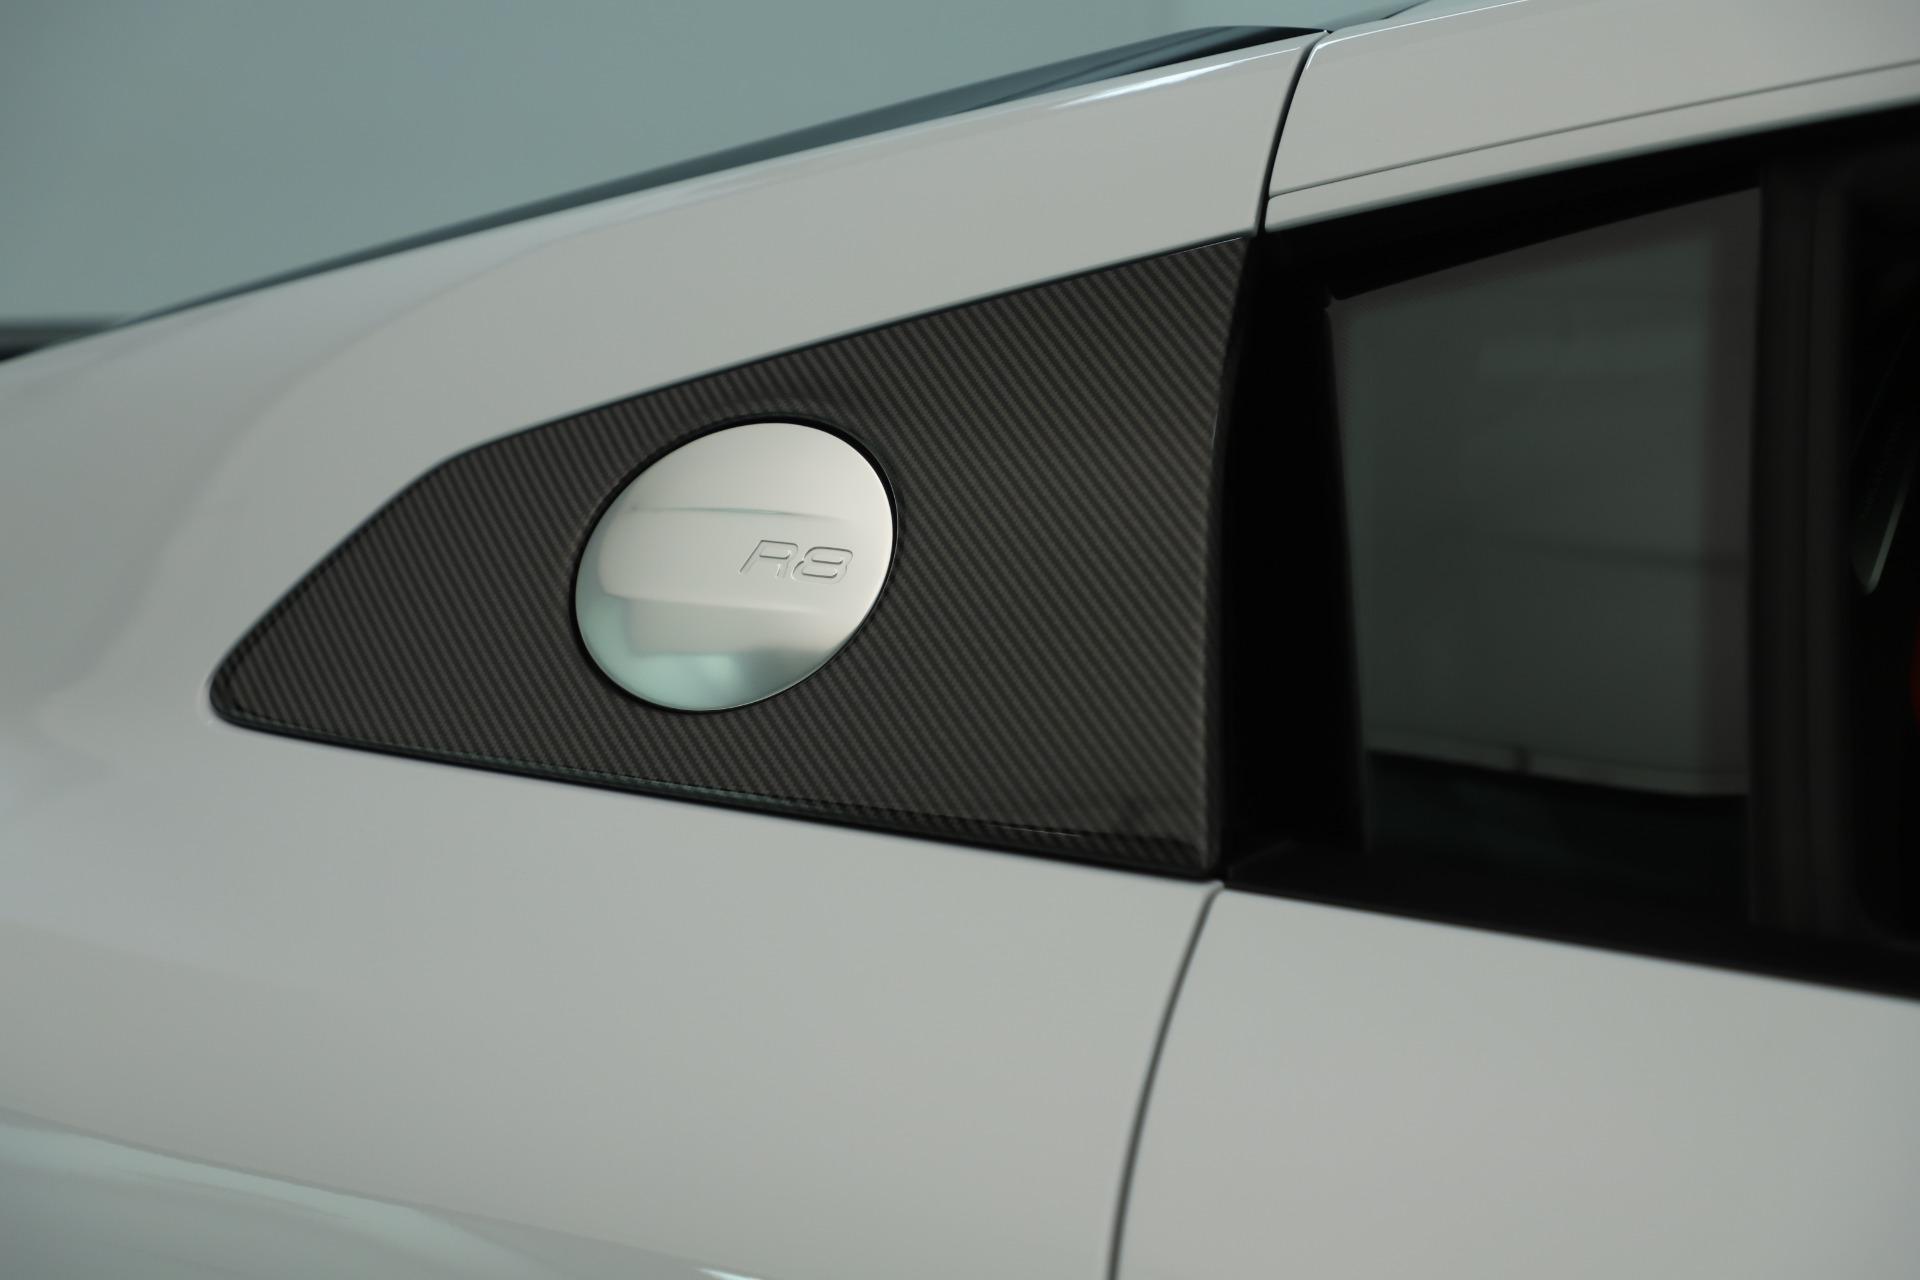 Used 2018 Audi R8 52 quattro V10 Plus